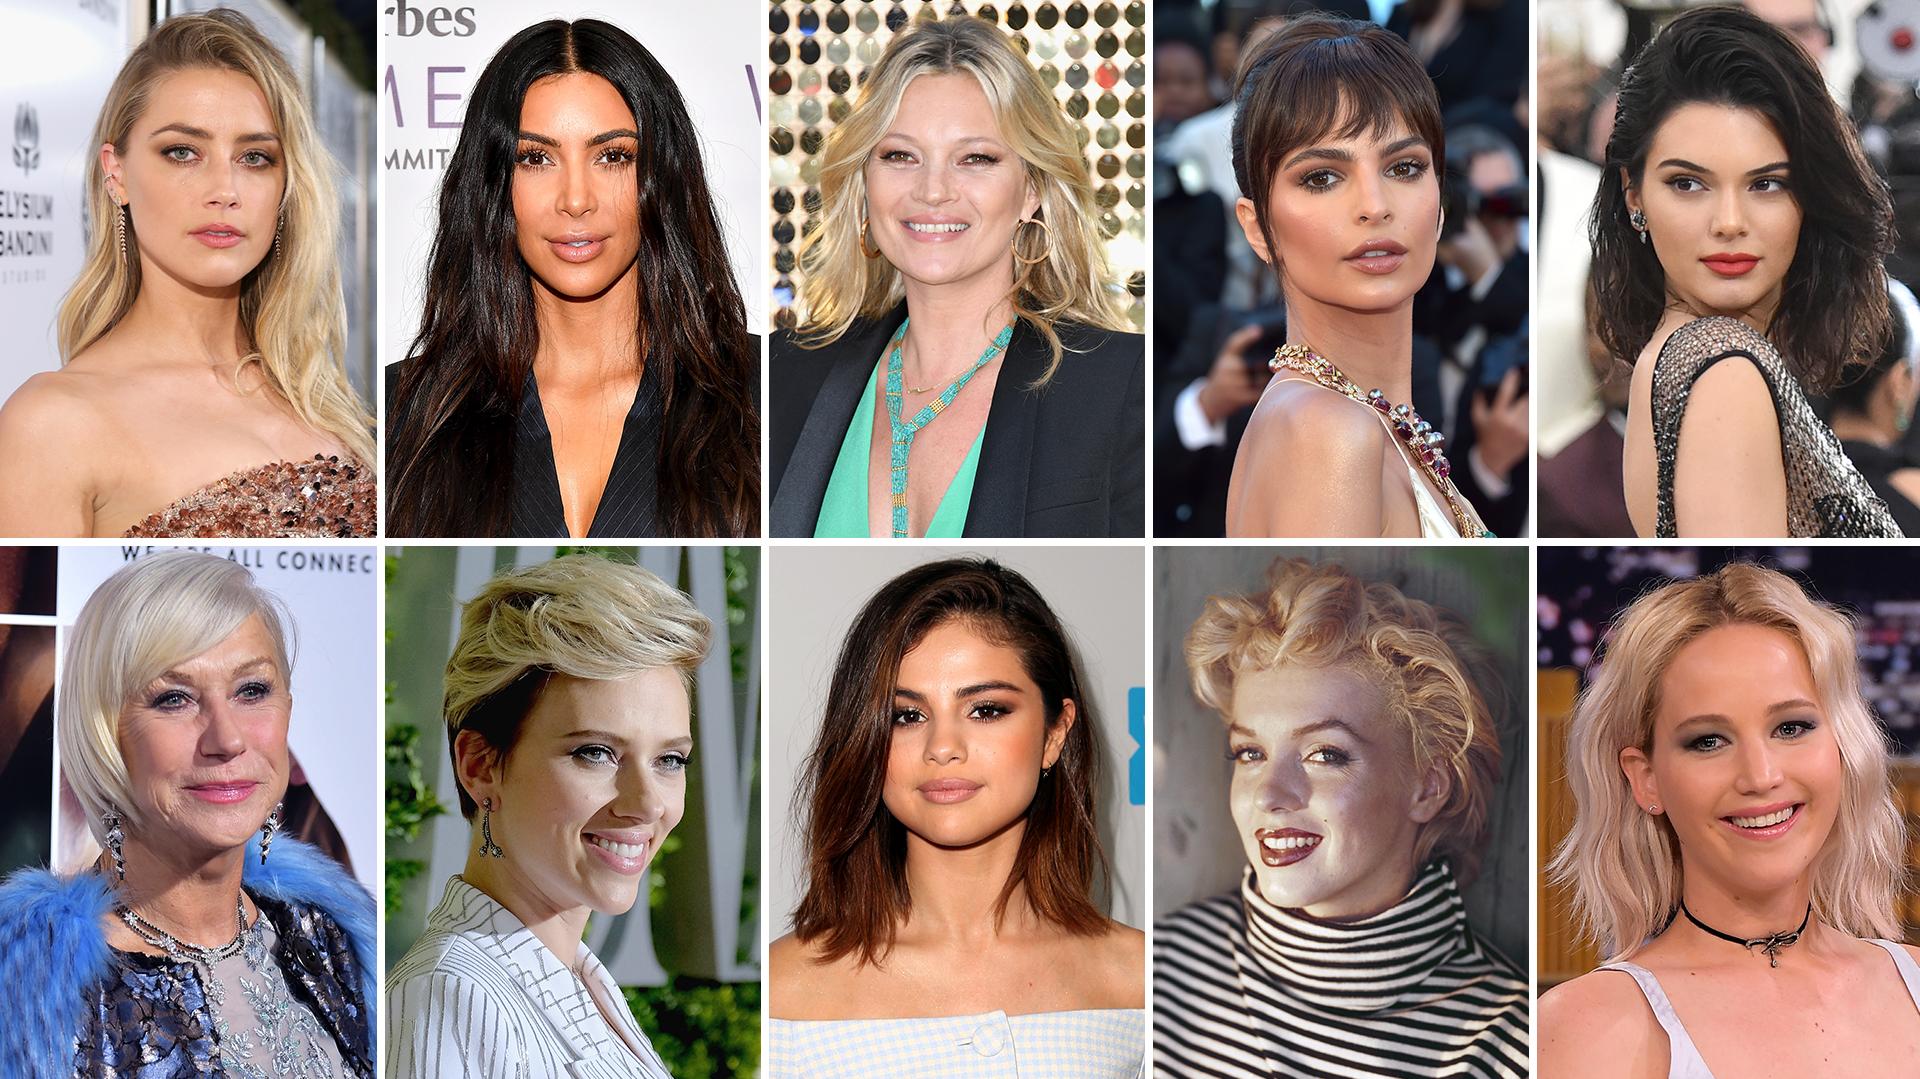 las 10 mujeres con mejor cuerpo